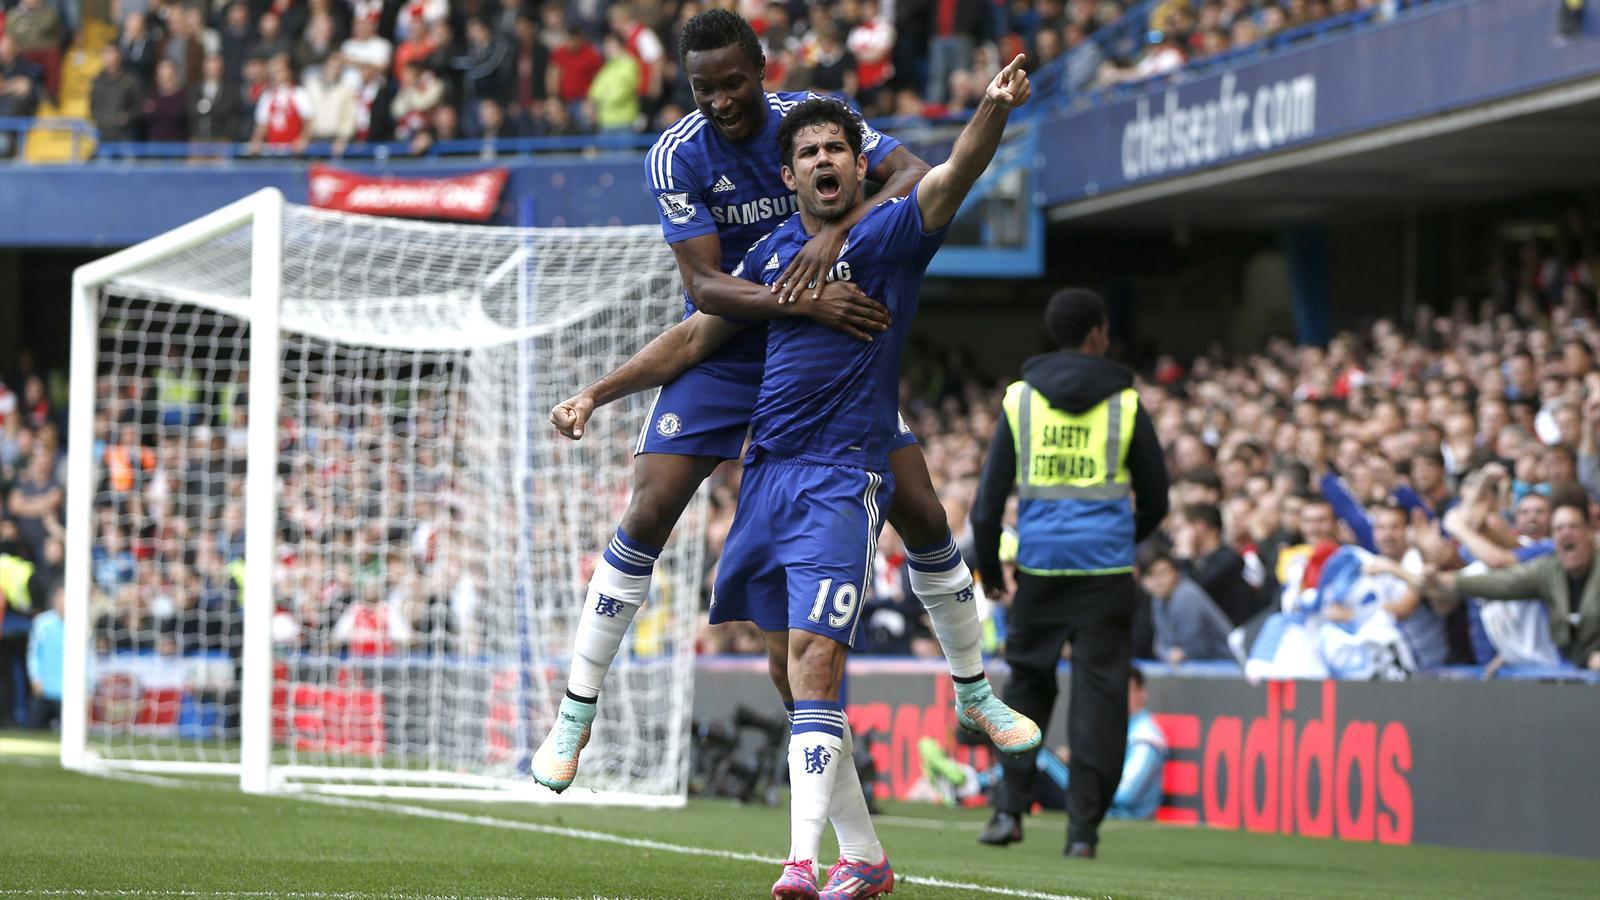 Chelsea - Arsenal (2-0): Les Blues de Mourinho ont plus que jamais la main sur les Gunners et Wenger